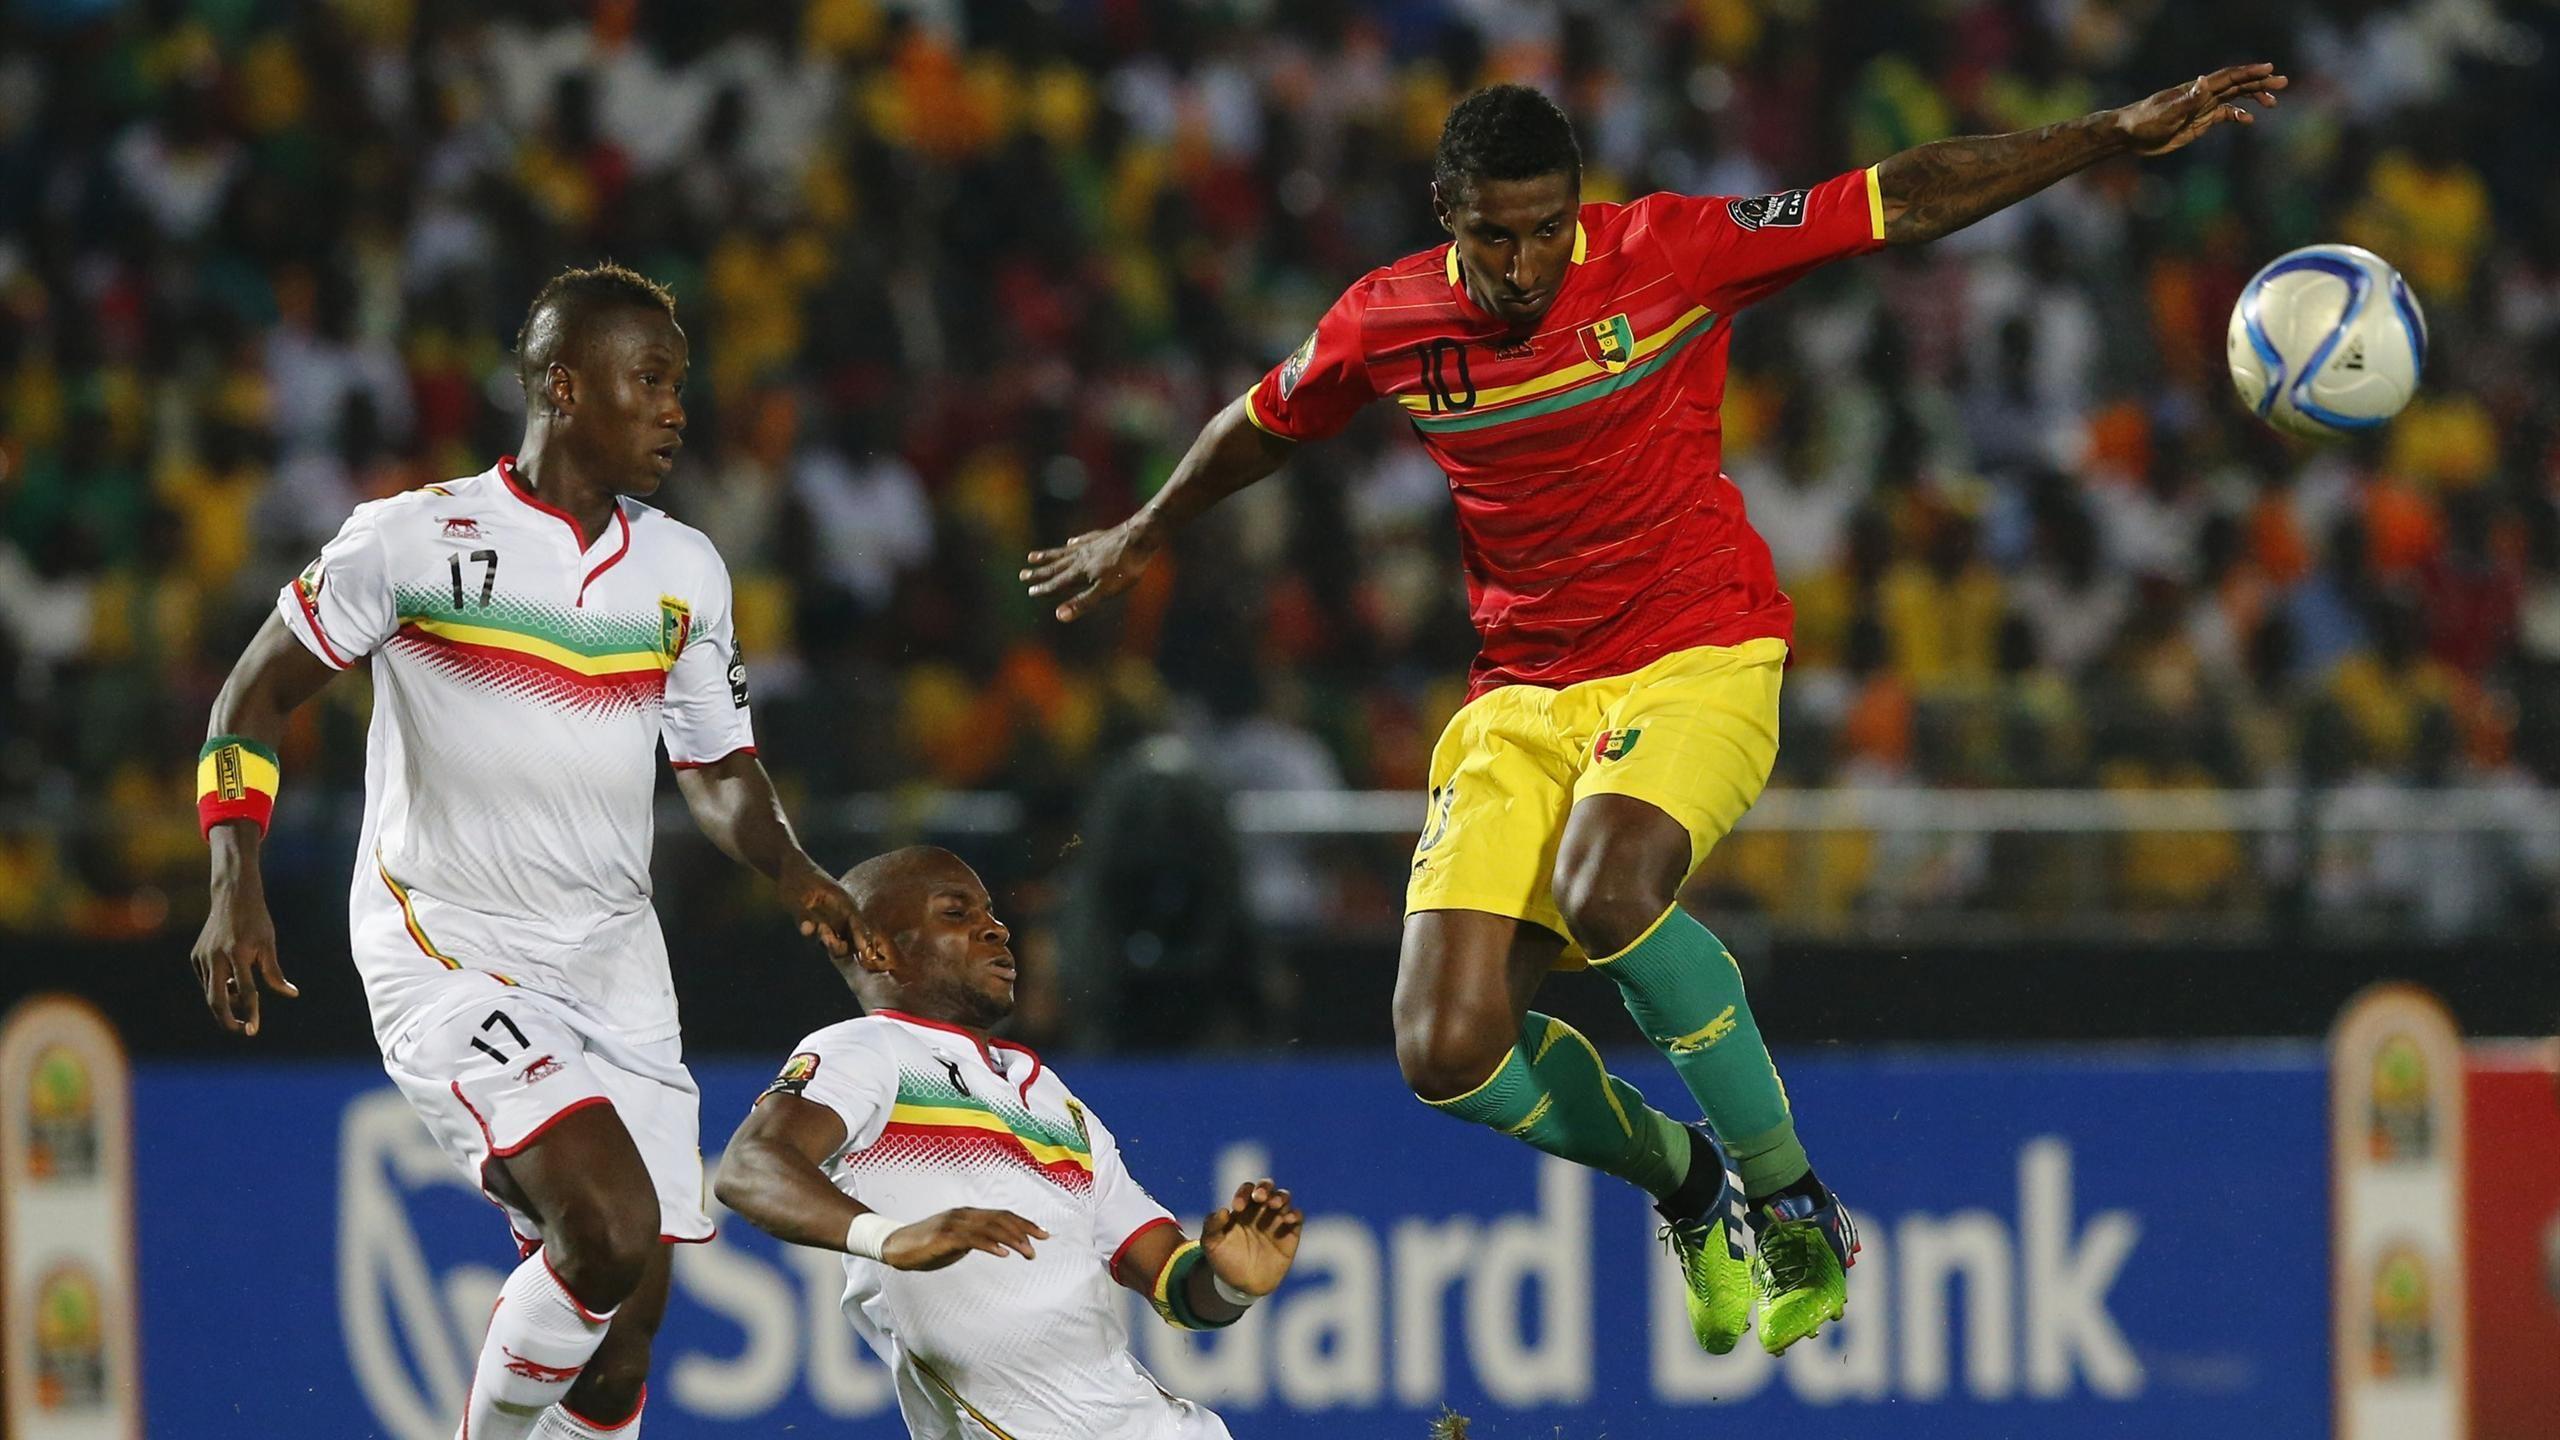 Прогноз на матч Мали - Конго 30.01.2021